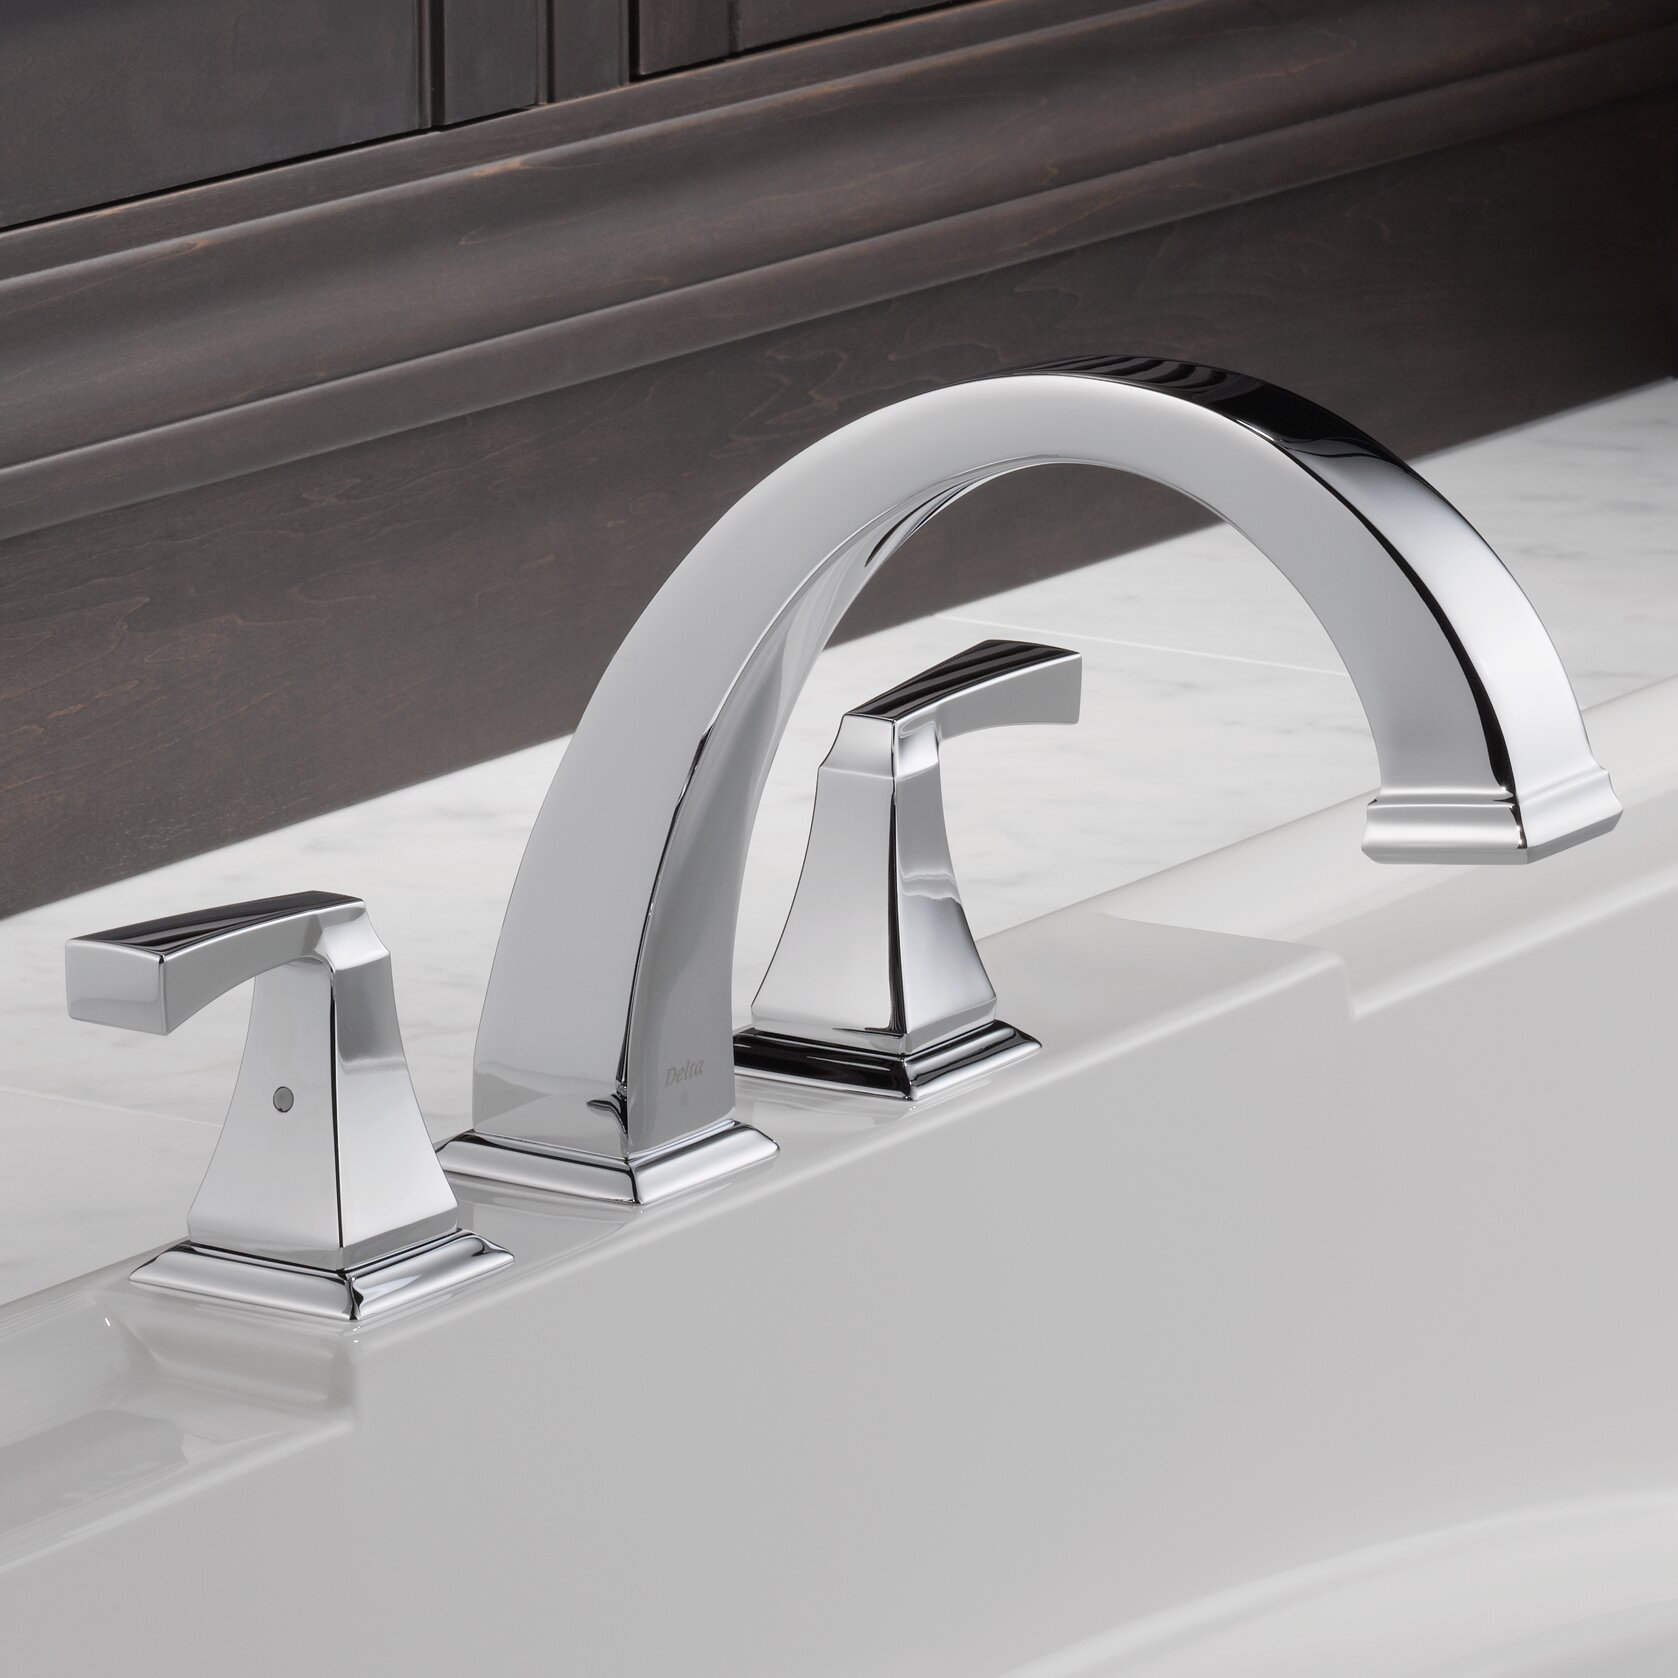 Delta Dryden Double Handle Deck Mount Roman Tub Faucet Trim ...